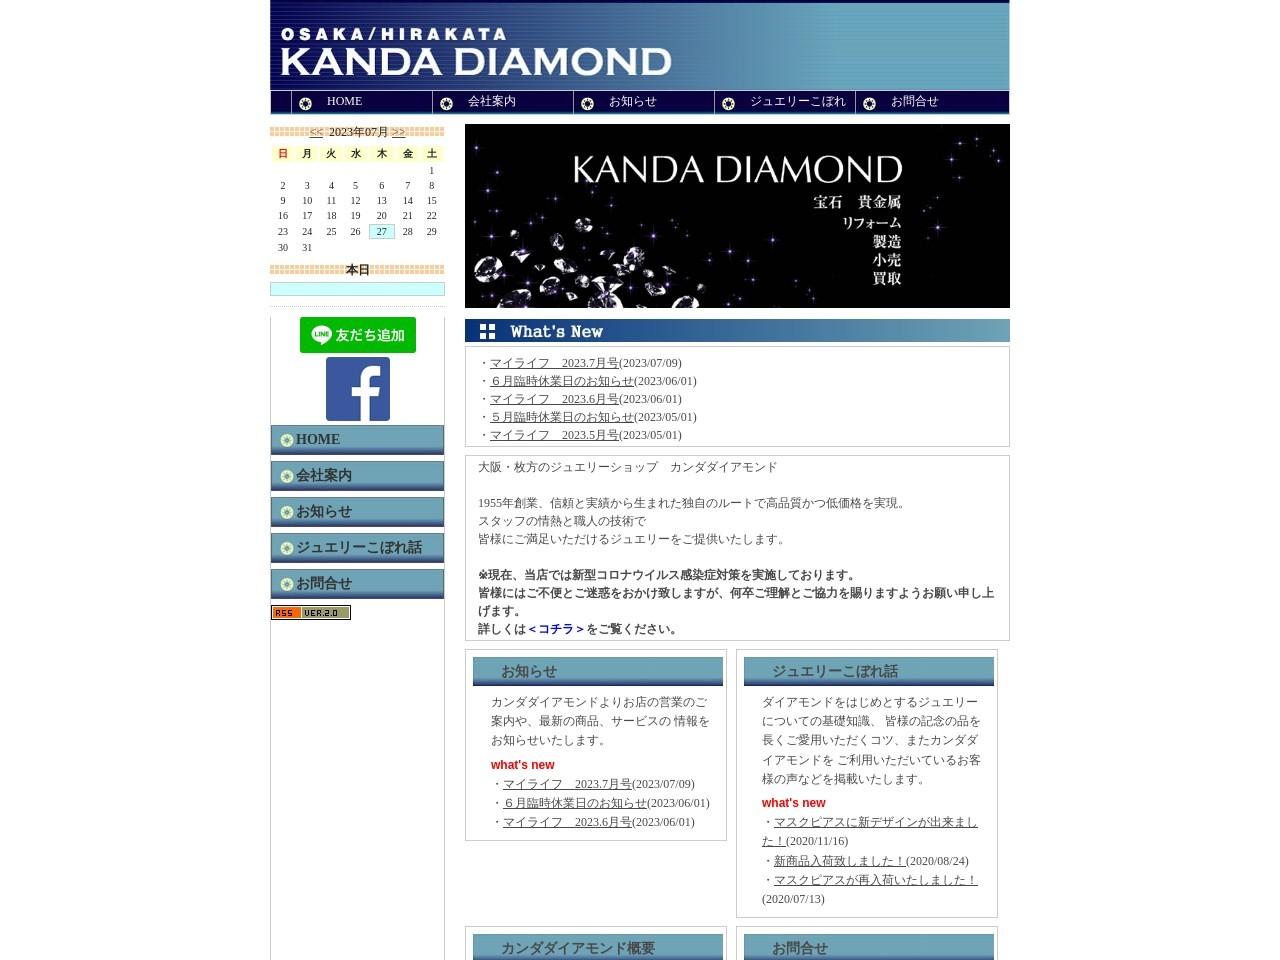 大阪・枚方のジュエリーショップ カンダダイアモンド